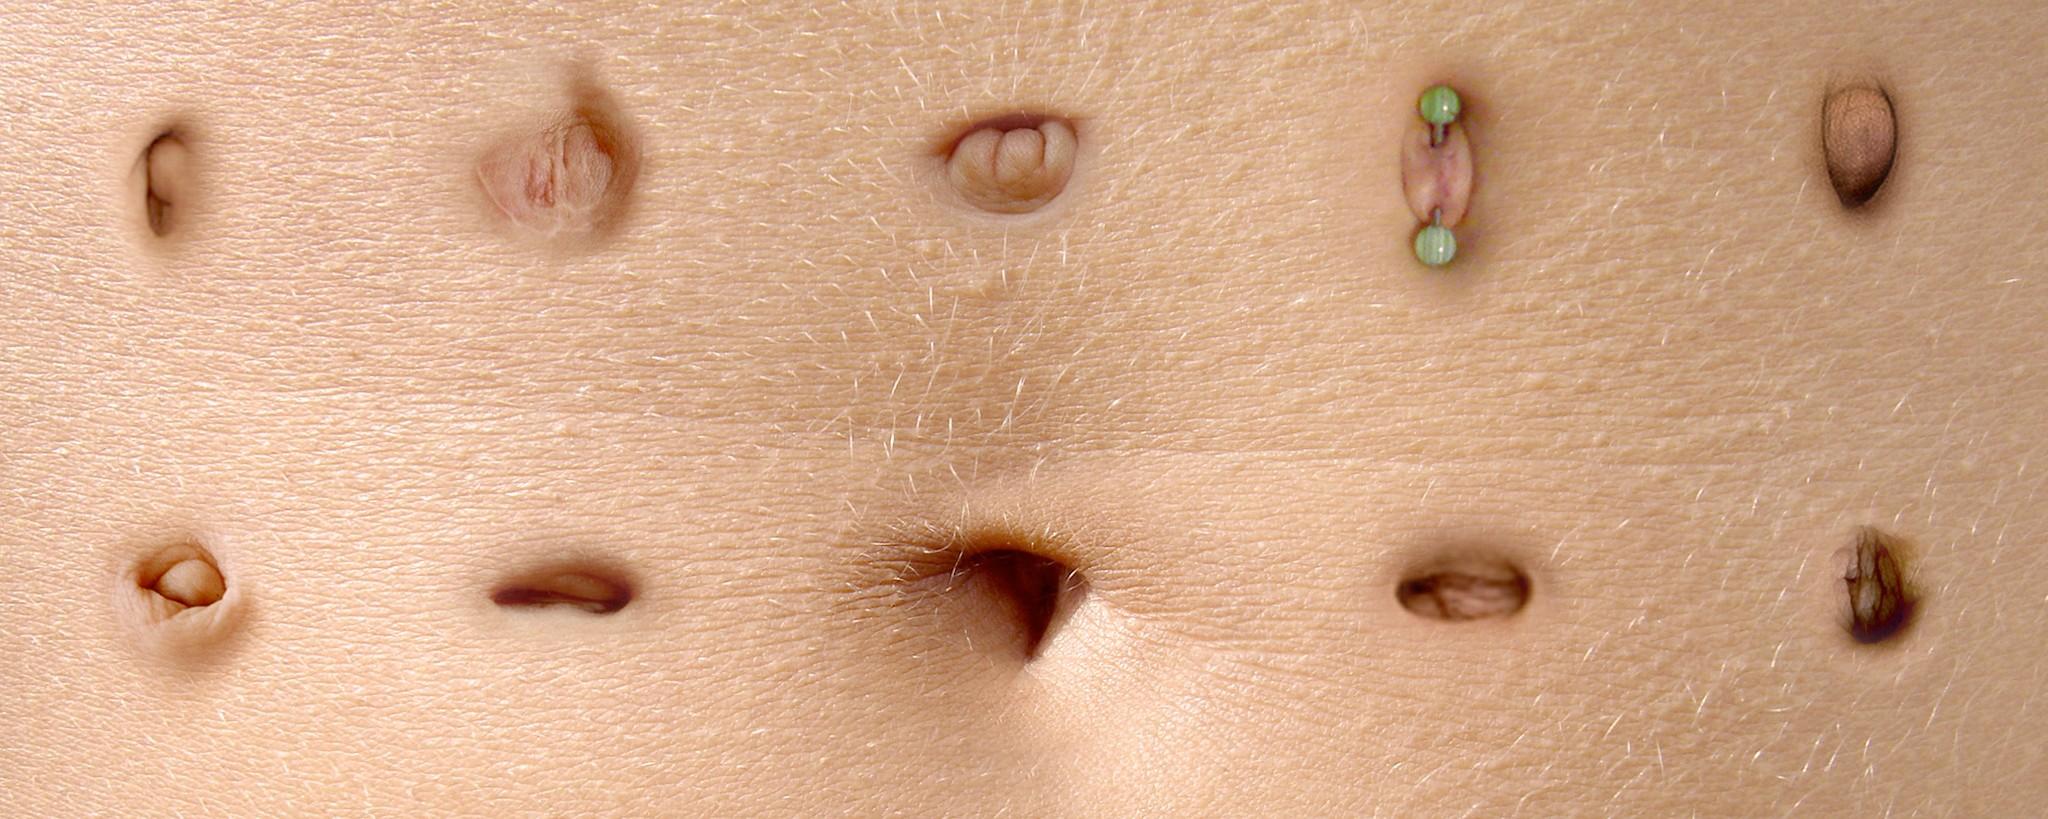 Bauchnabel Nabel lecken